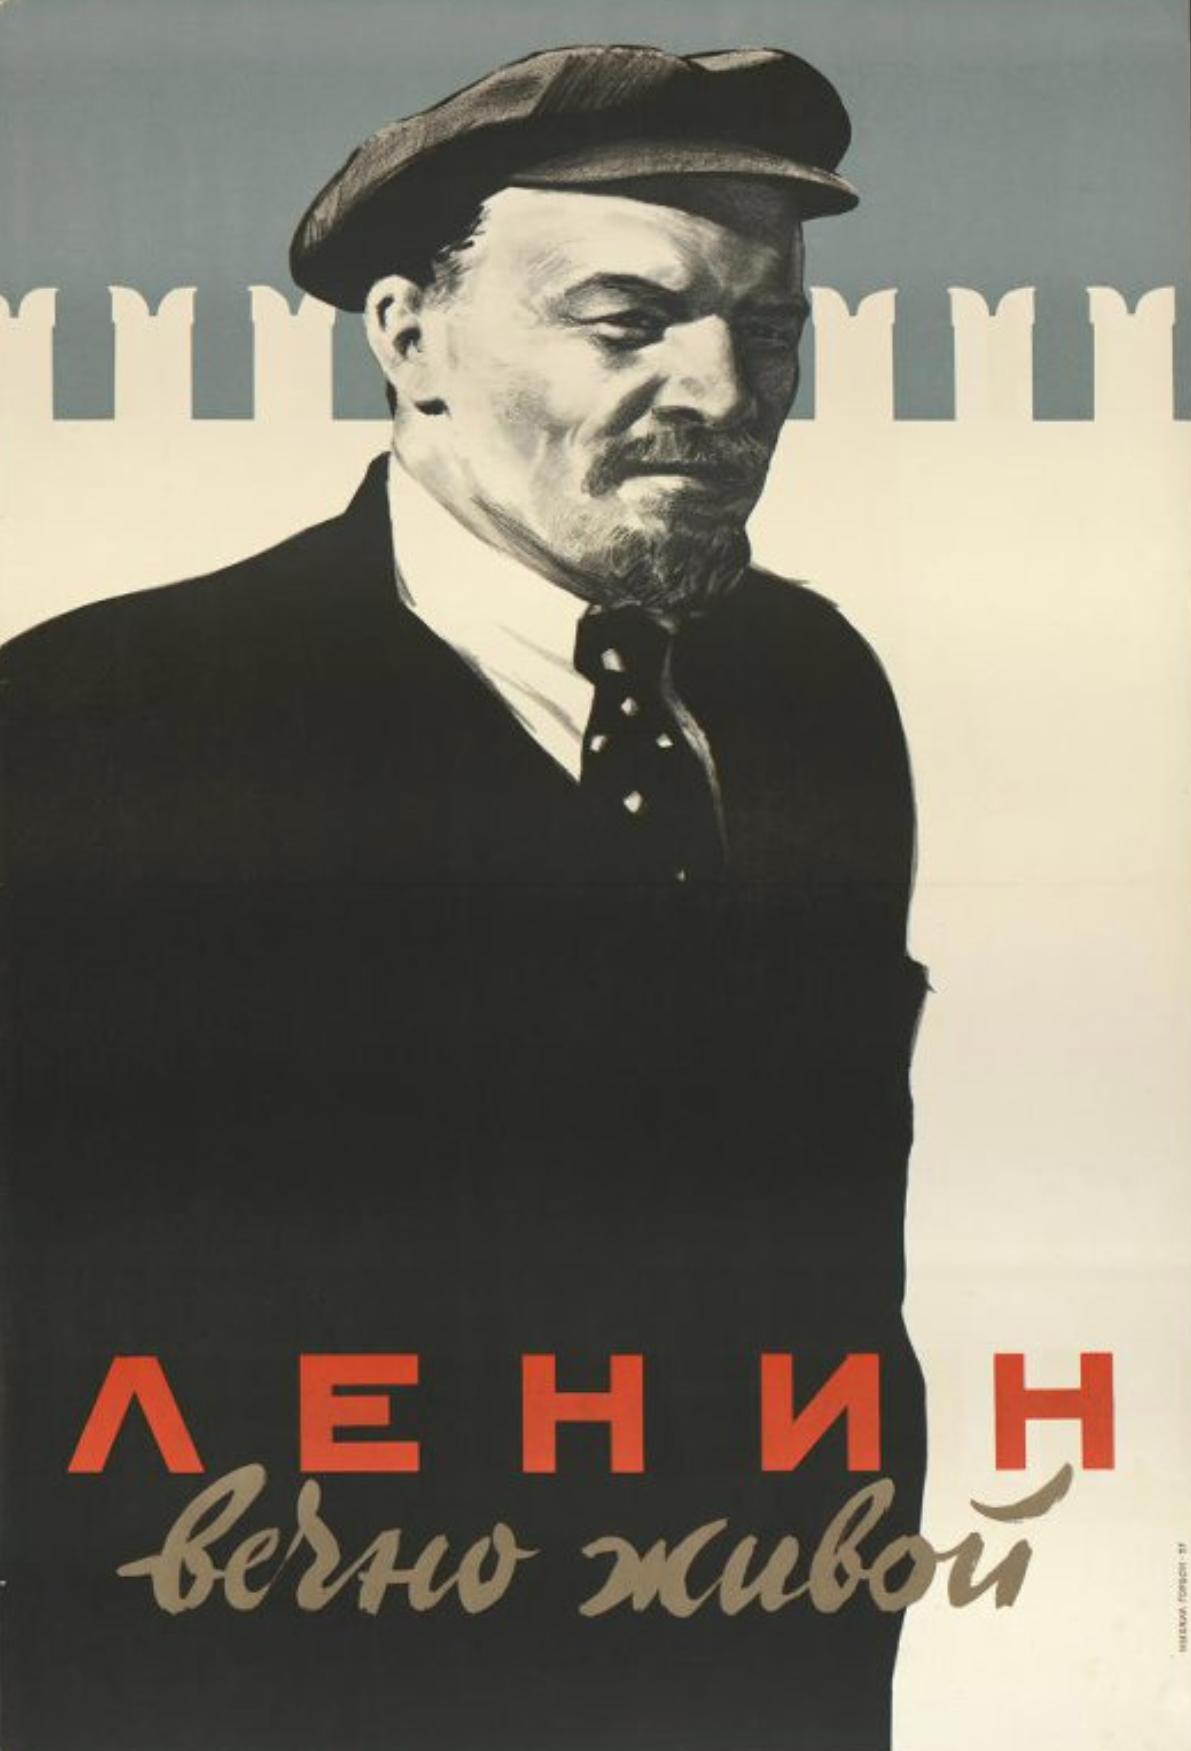 Плакат «Ленин вечно живой». Художник М. Гордон. Москва, 1957 г. Бумага, печать офсетная